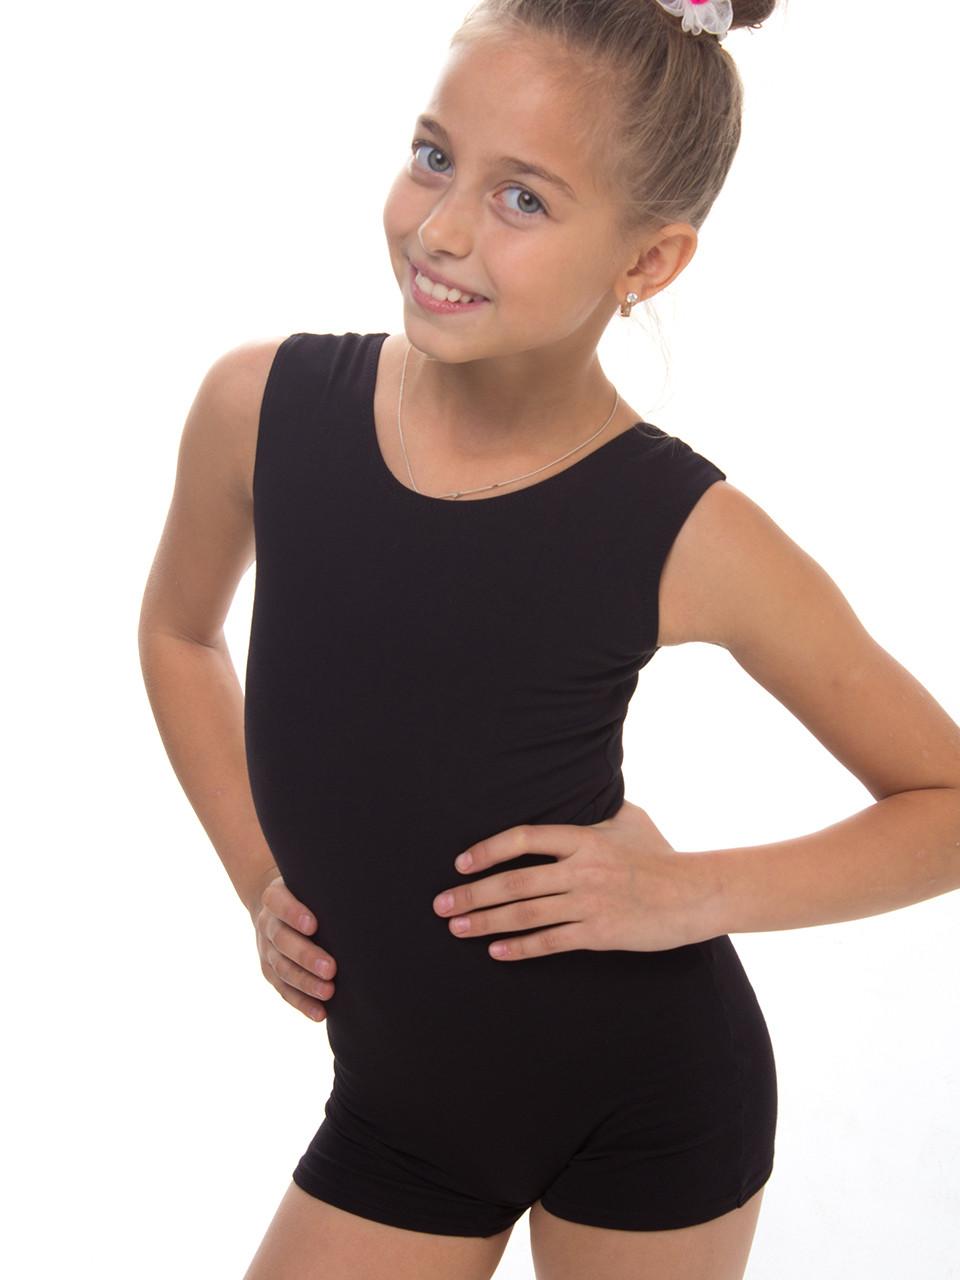 Комбінезон для танців і гімнастики (майка - шорти) трикотажний від 104см до 140см